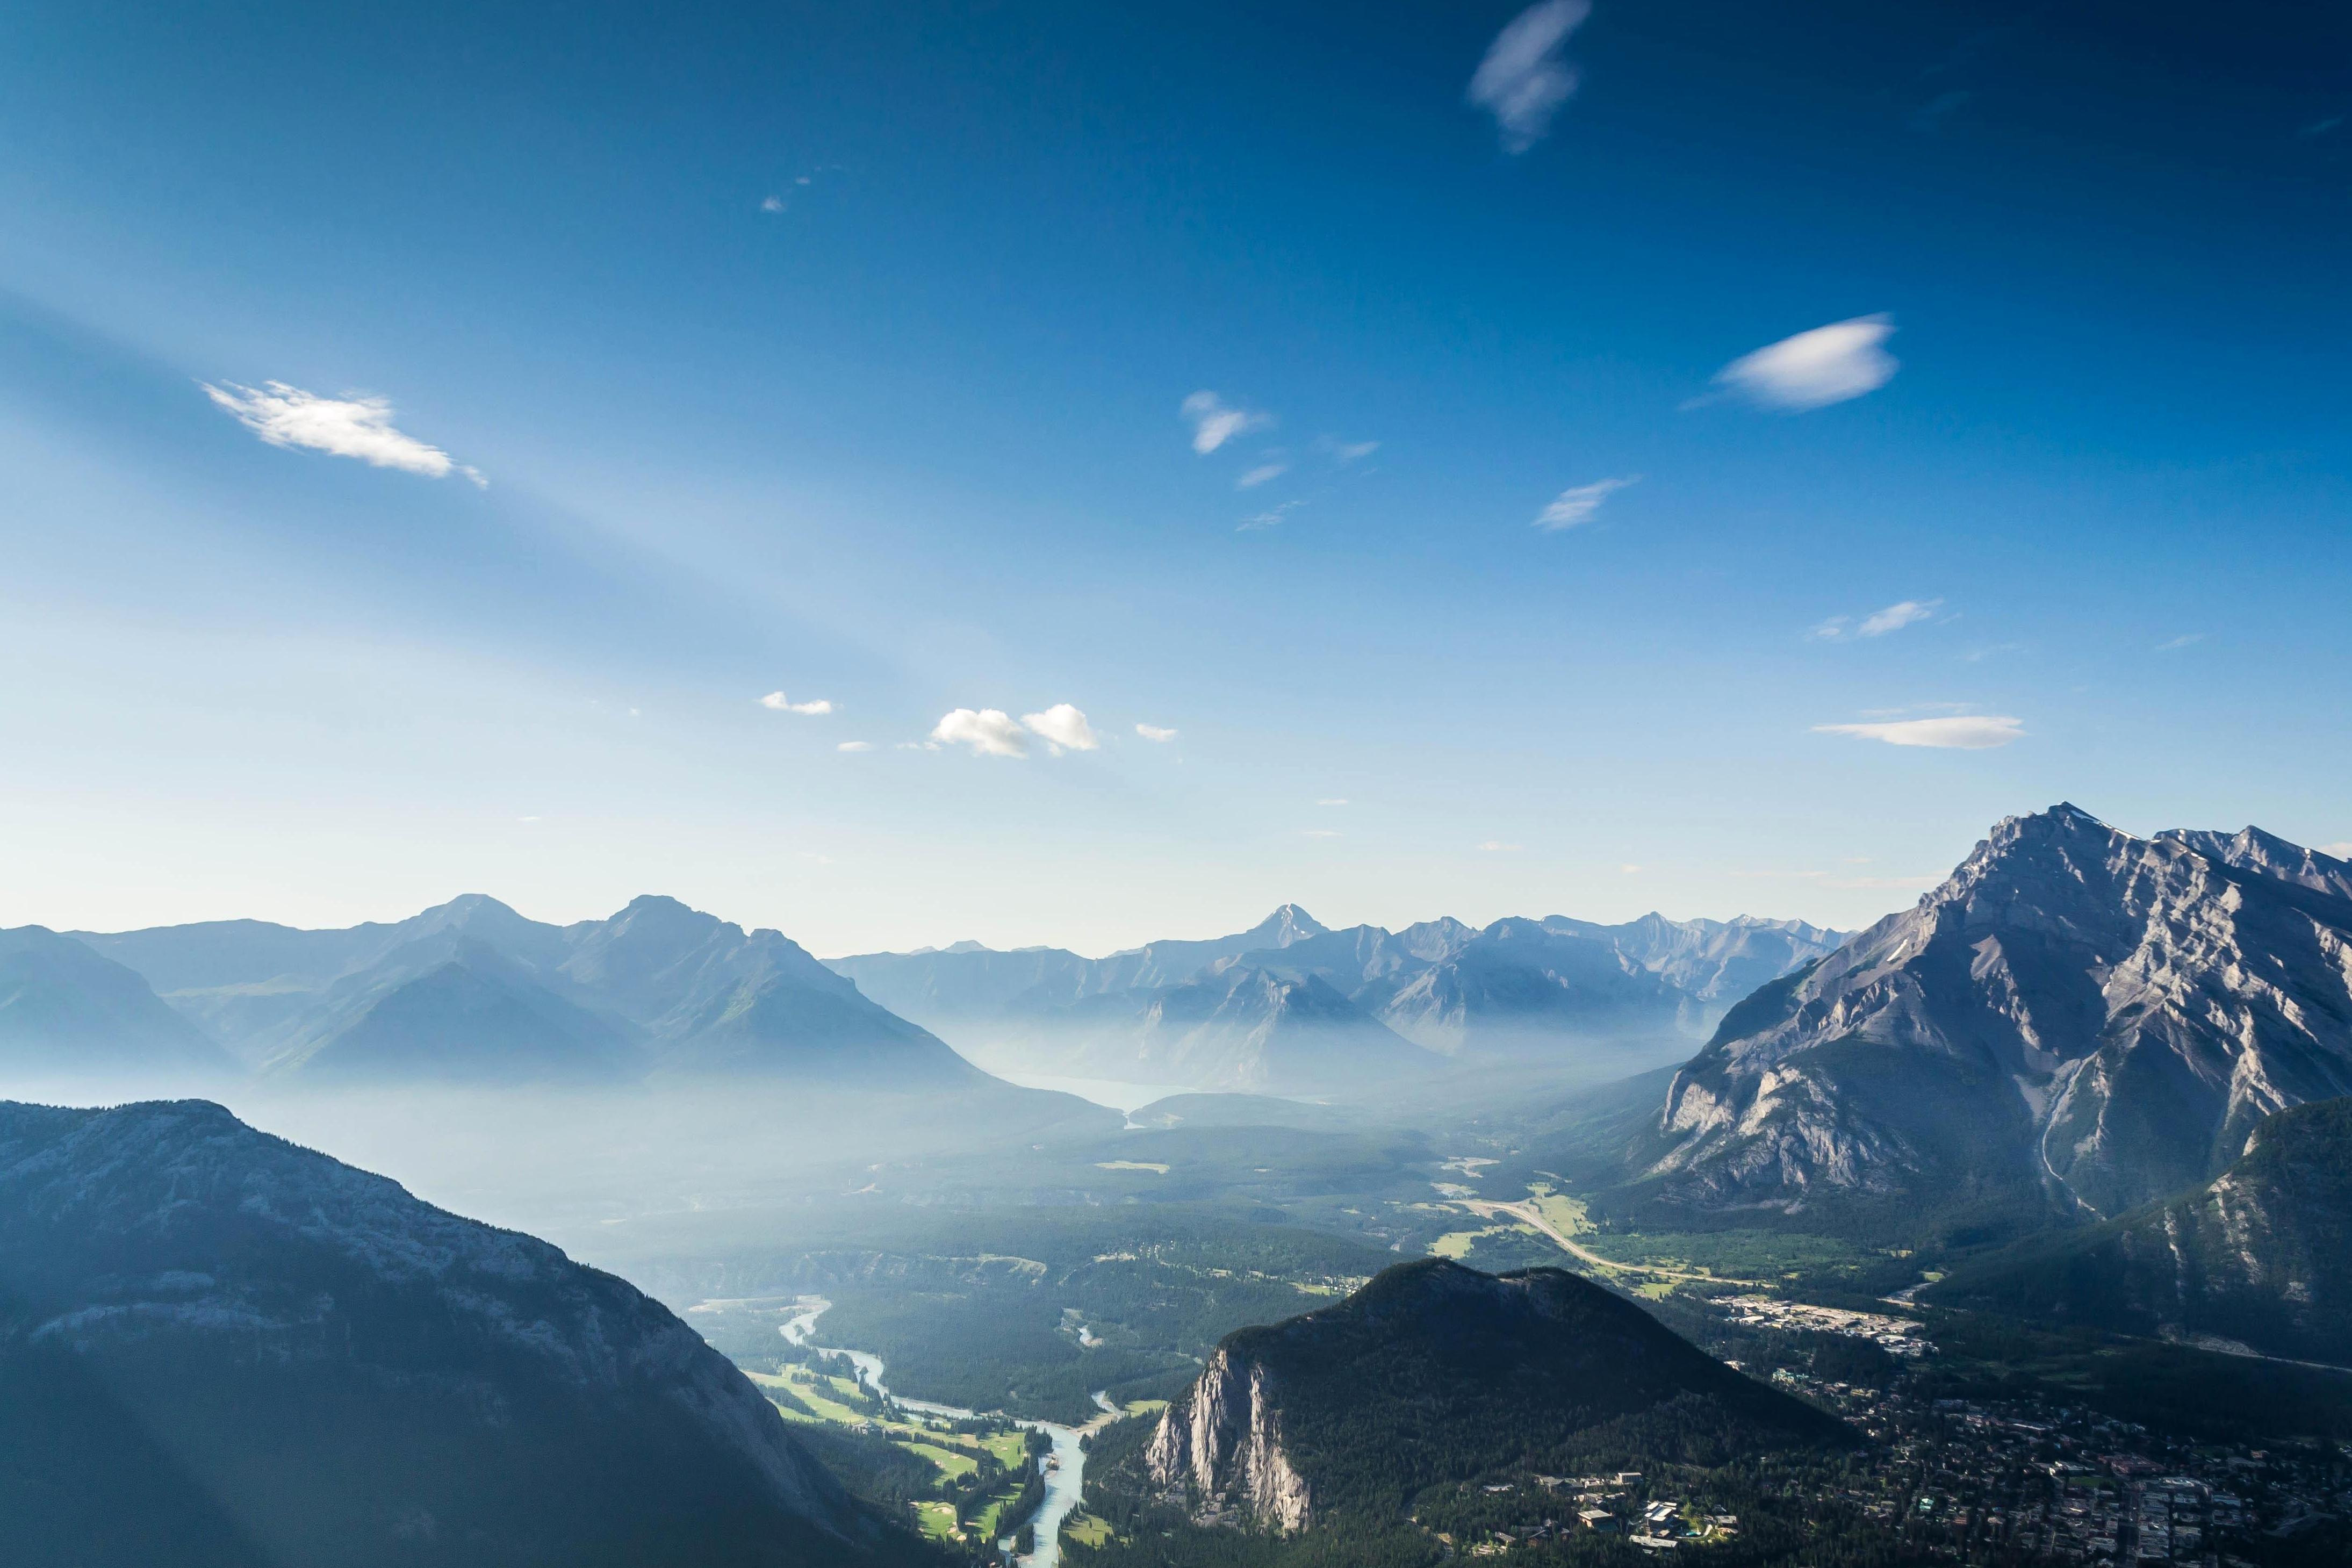 kostenlose bild landschaft berge natur himmel blauer